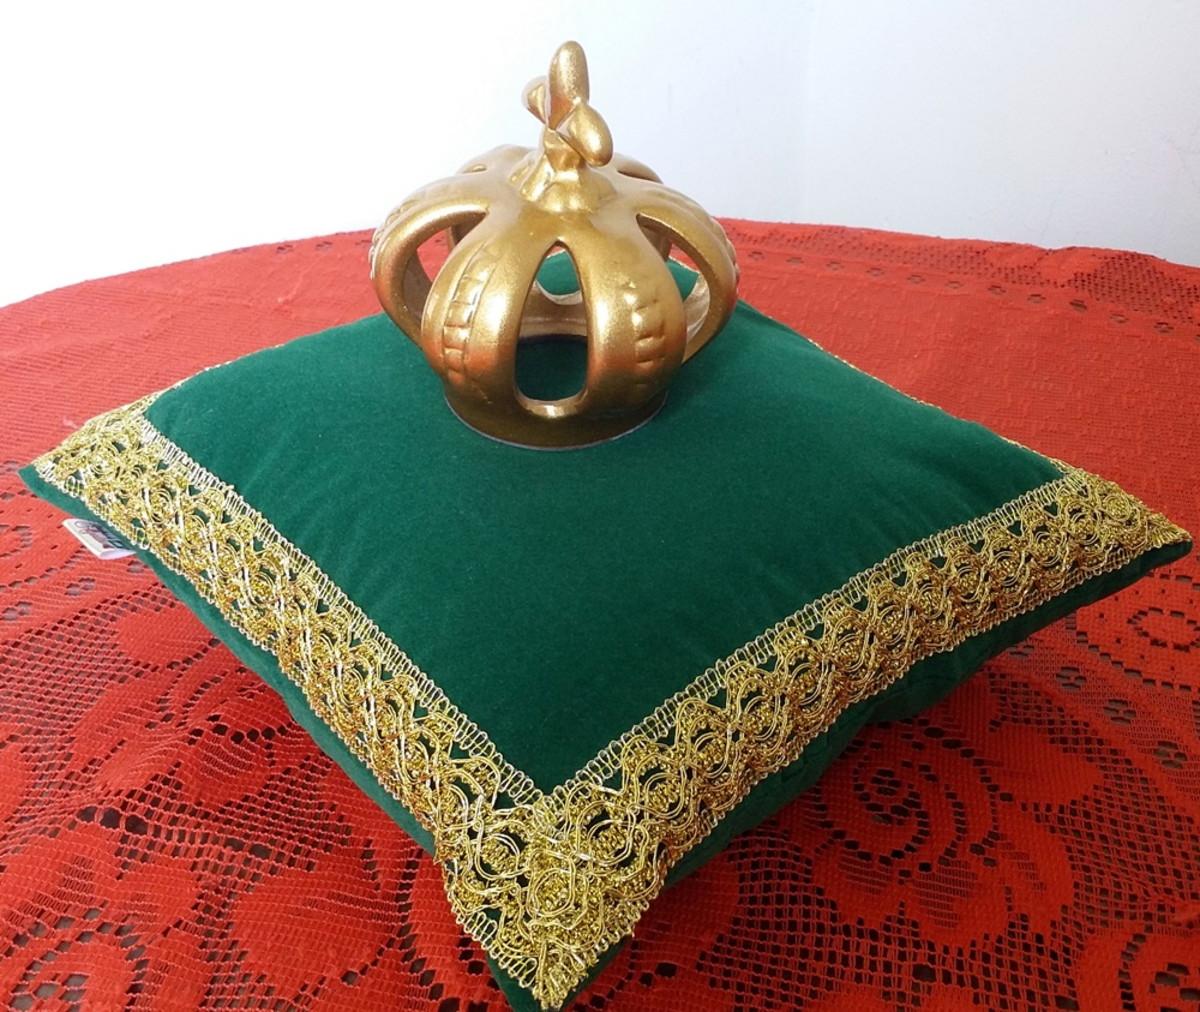 Almofada para festa Princesa ou Realeza em Veludo Verde no Elo7 ... ed92d1619fb70